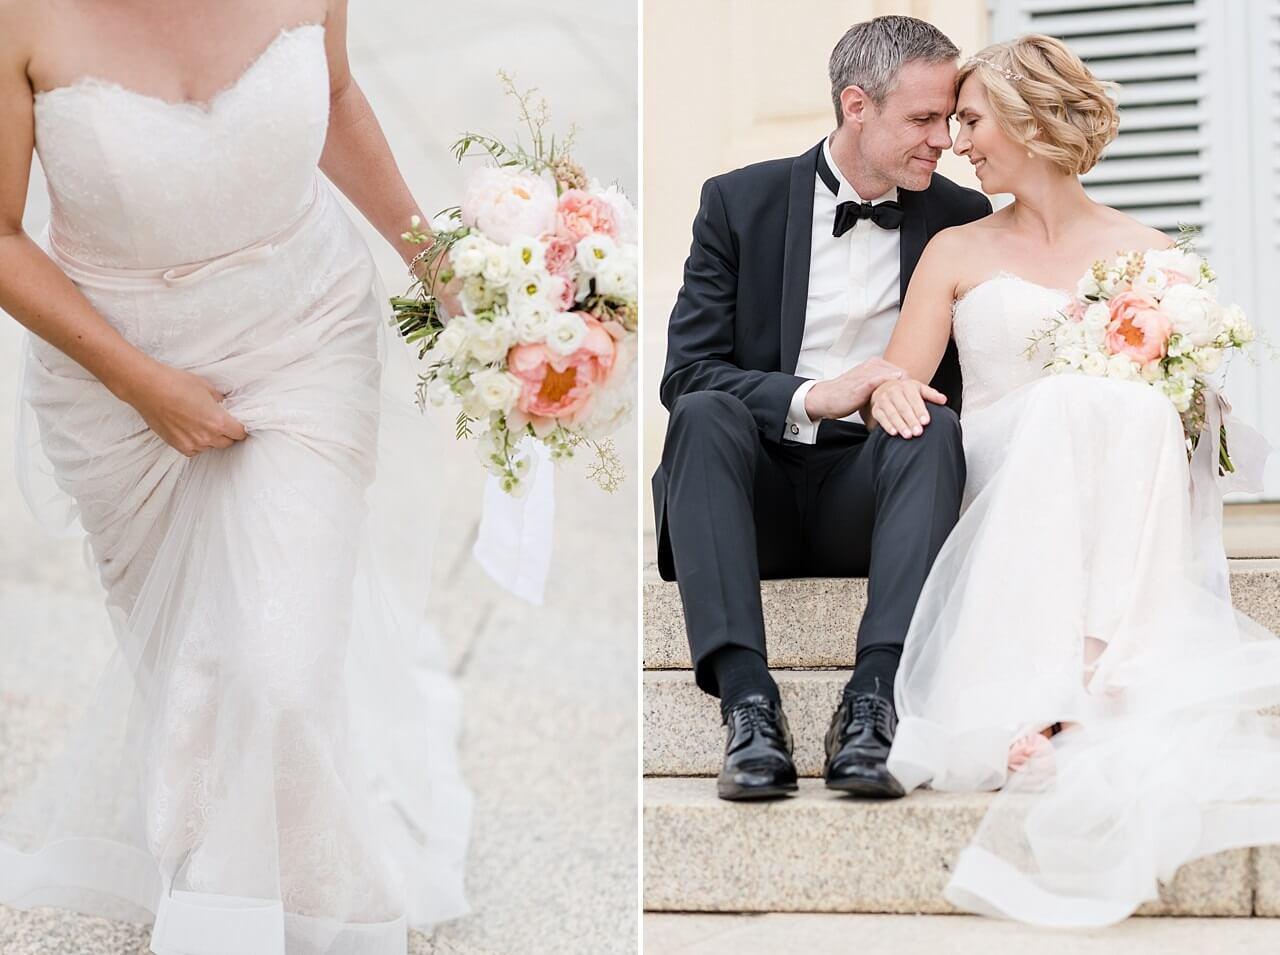 Rebecca Conte Fotografie: Traumhafte Hochzeit Gourmet Berner 25